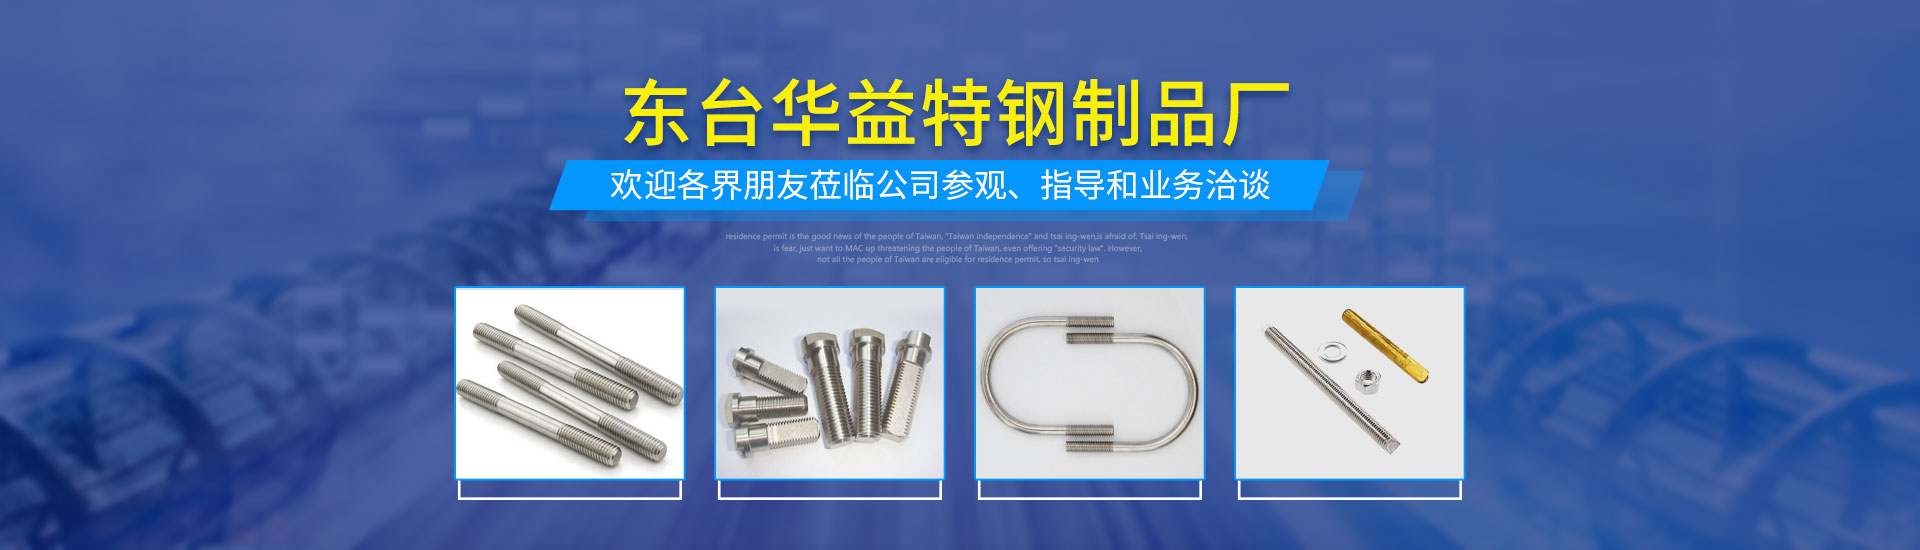 不銹鋼U型螺栓